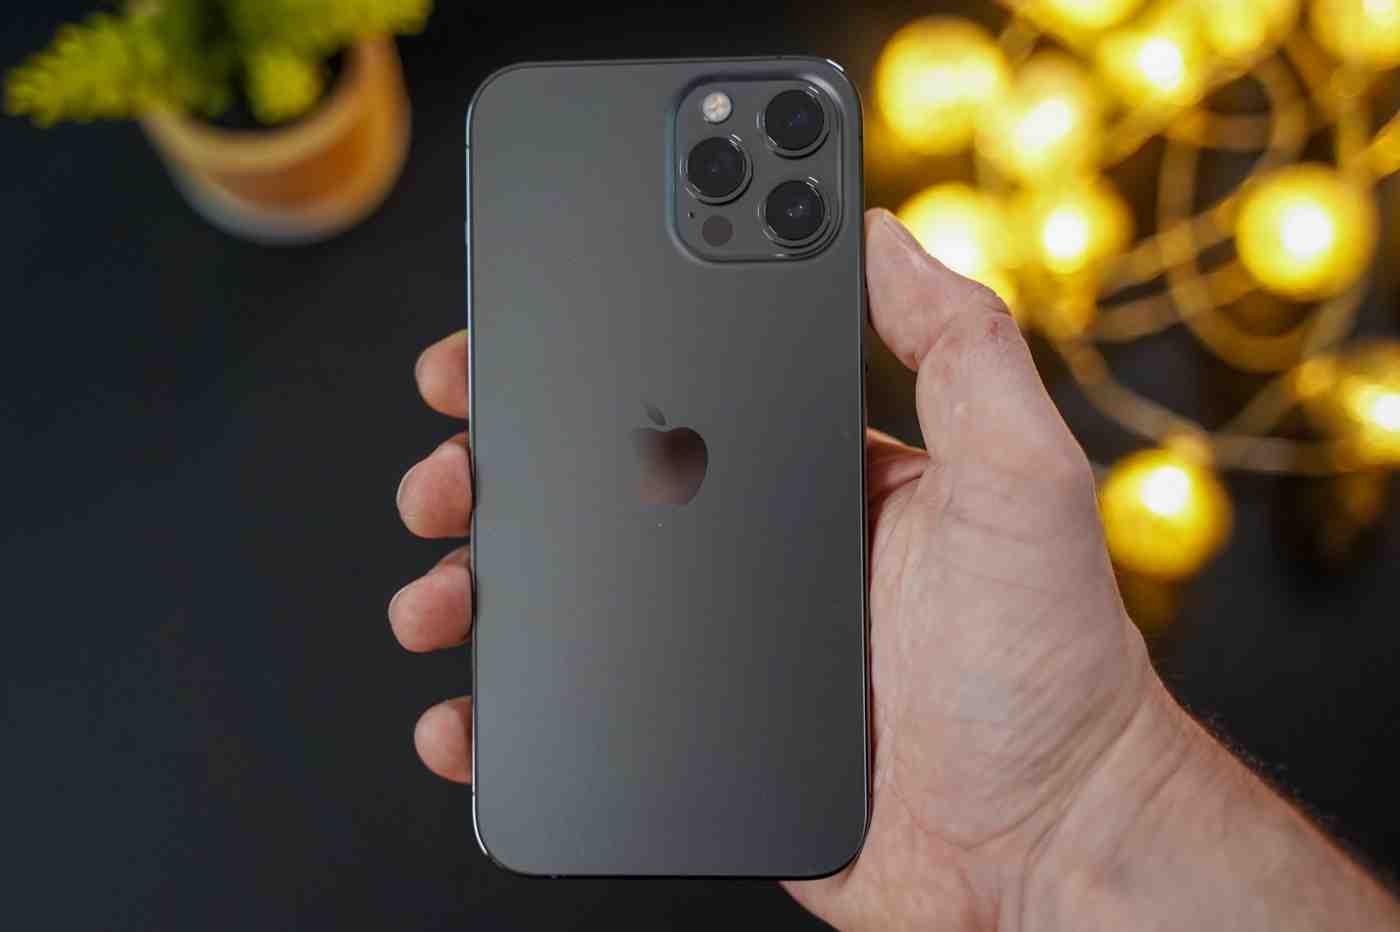 Taille maximale de l'Iphone 12 pro